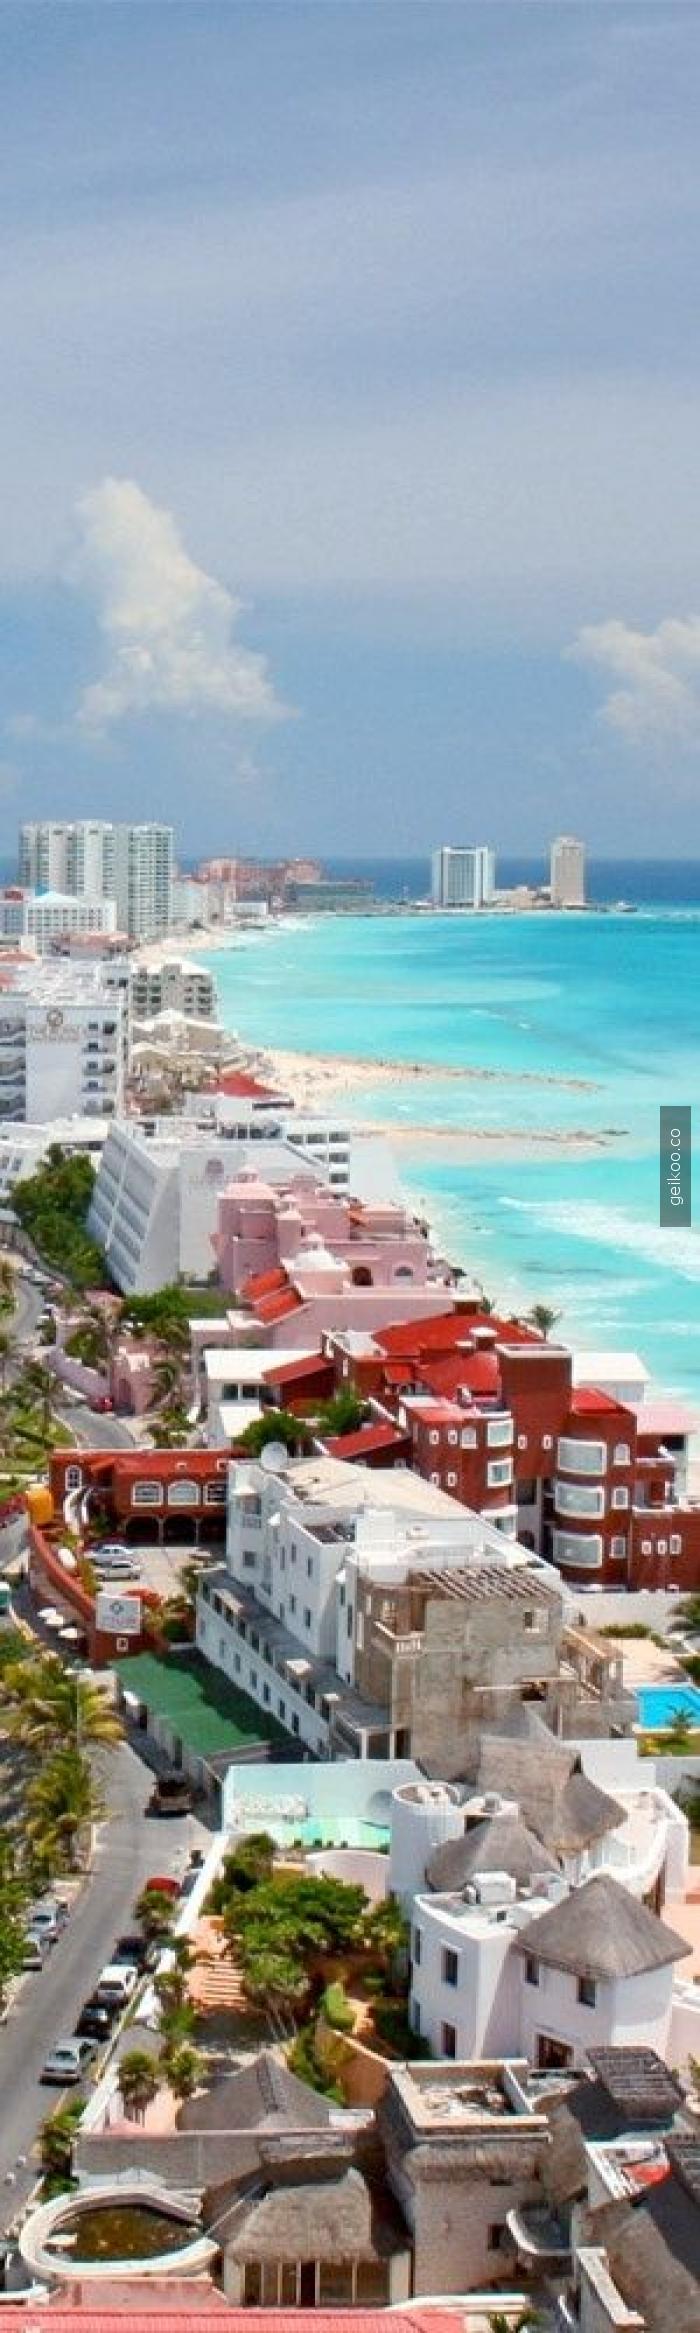 Cancun Plajı - Meksika